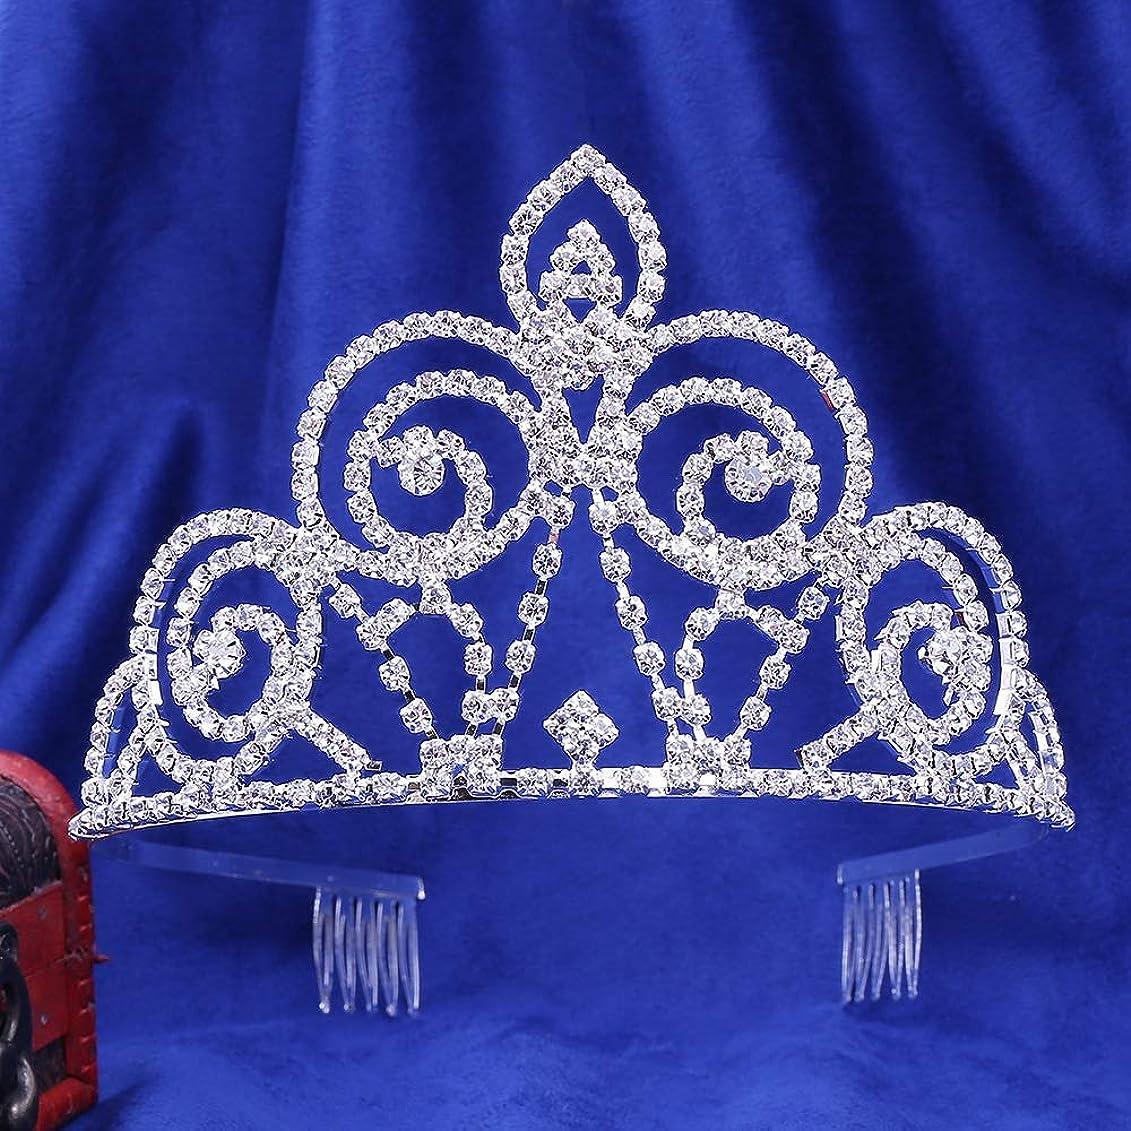 共和党ペック劇作家LYgMV 花嫁の爪チェーンクラウンヨーロッパと米国の人気の結婚式のラインストーン結婚式のヘッドウェアアクセサリーの髪の櫛